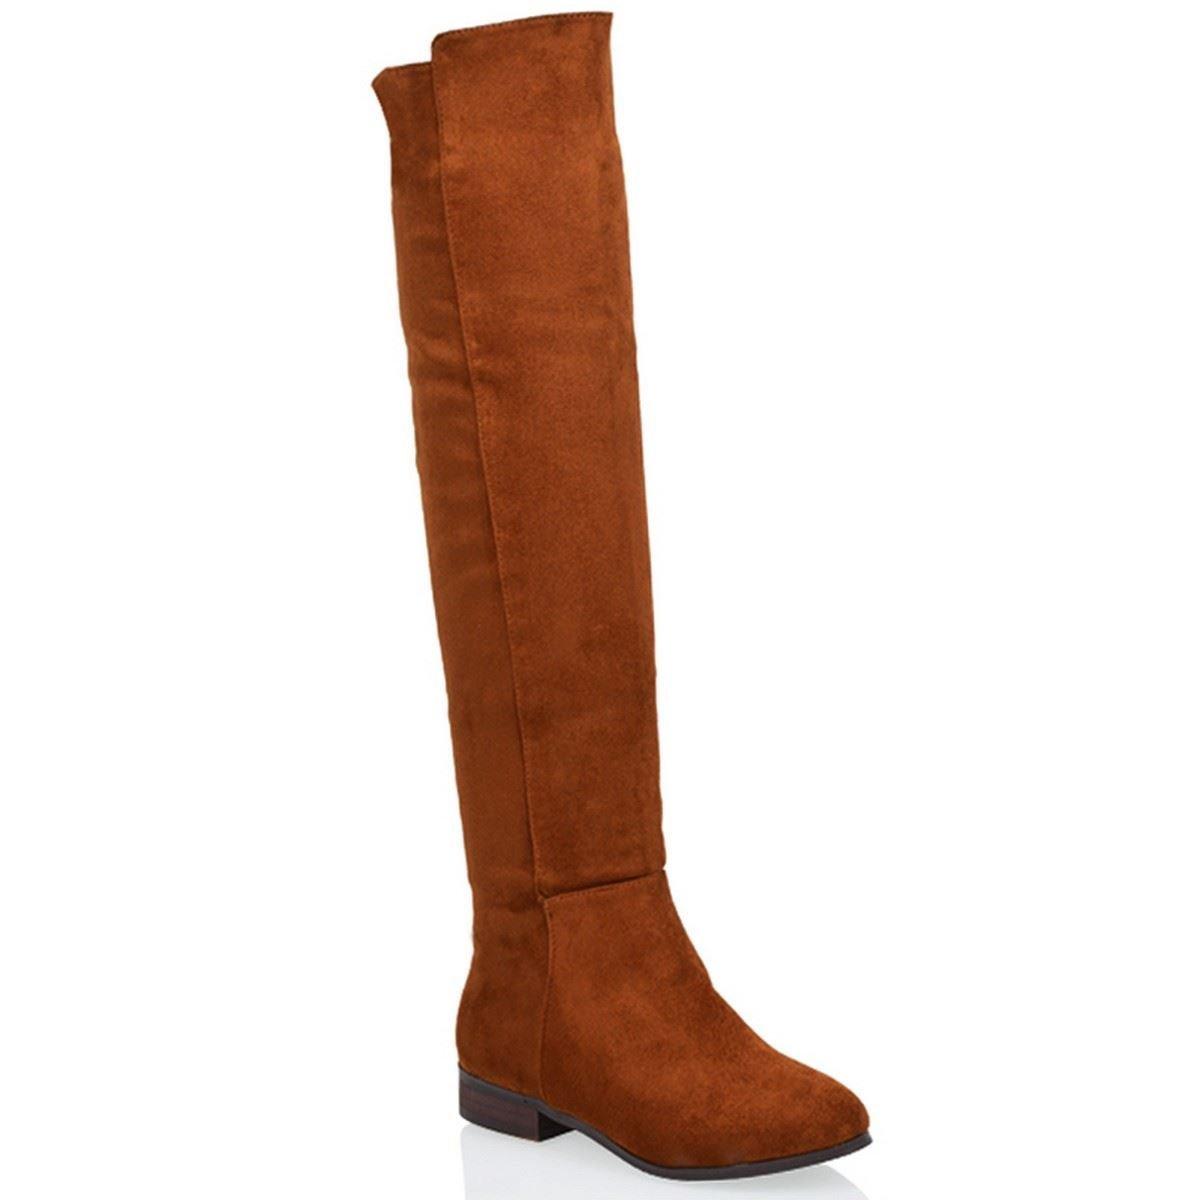 Stiefel ohne Absatz kaufen » Online Shop & Sale